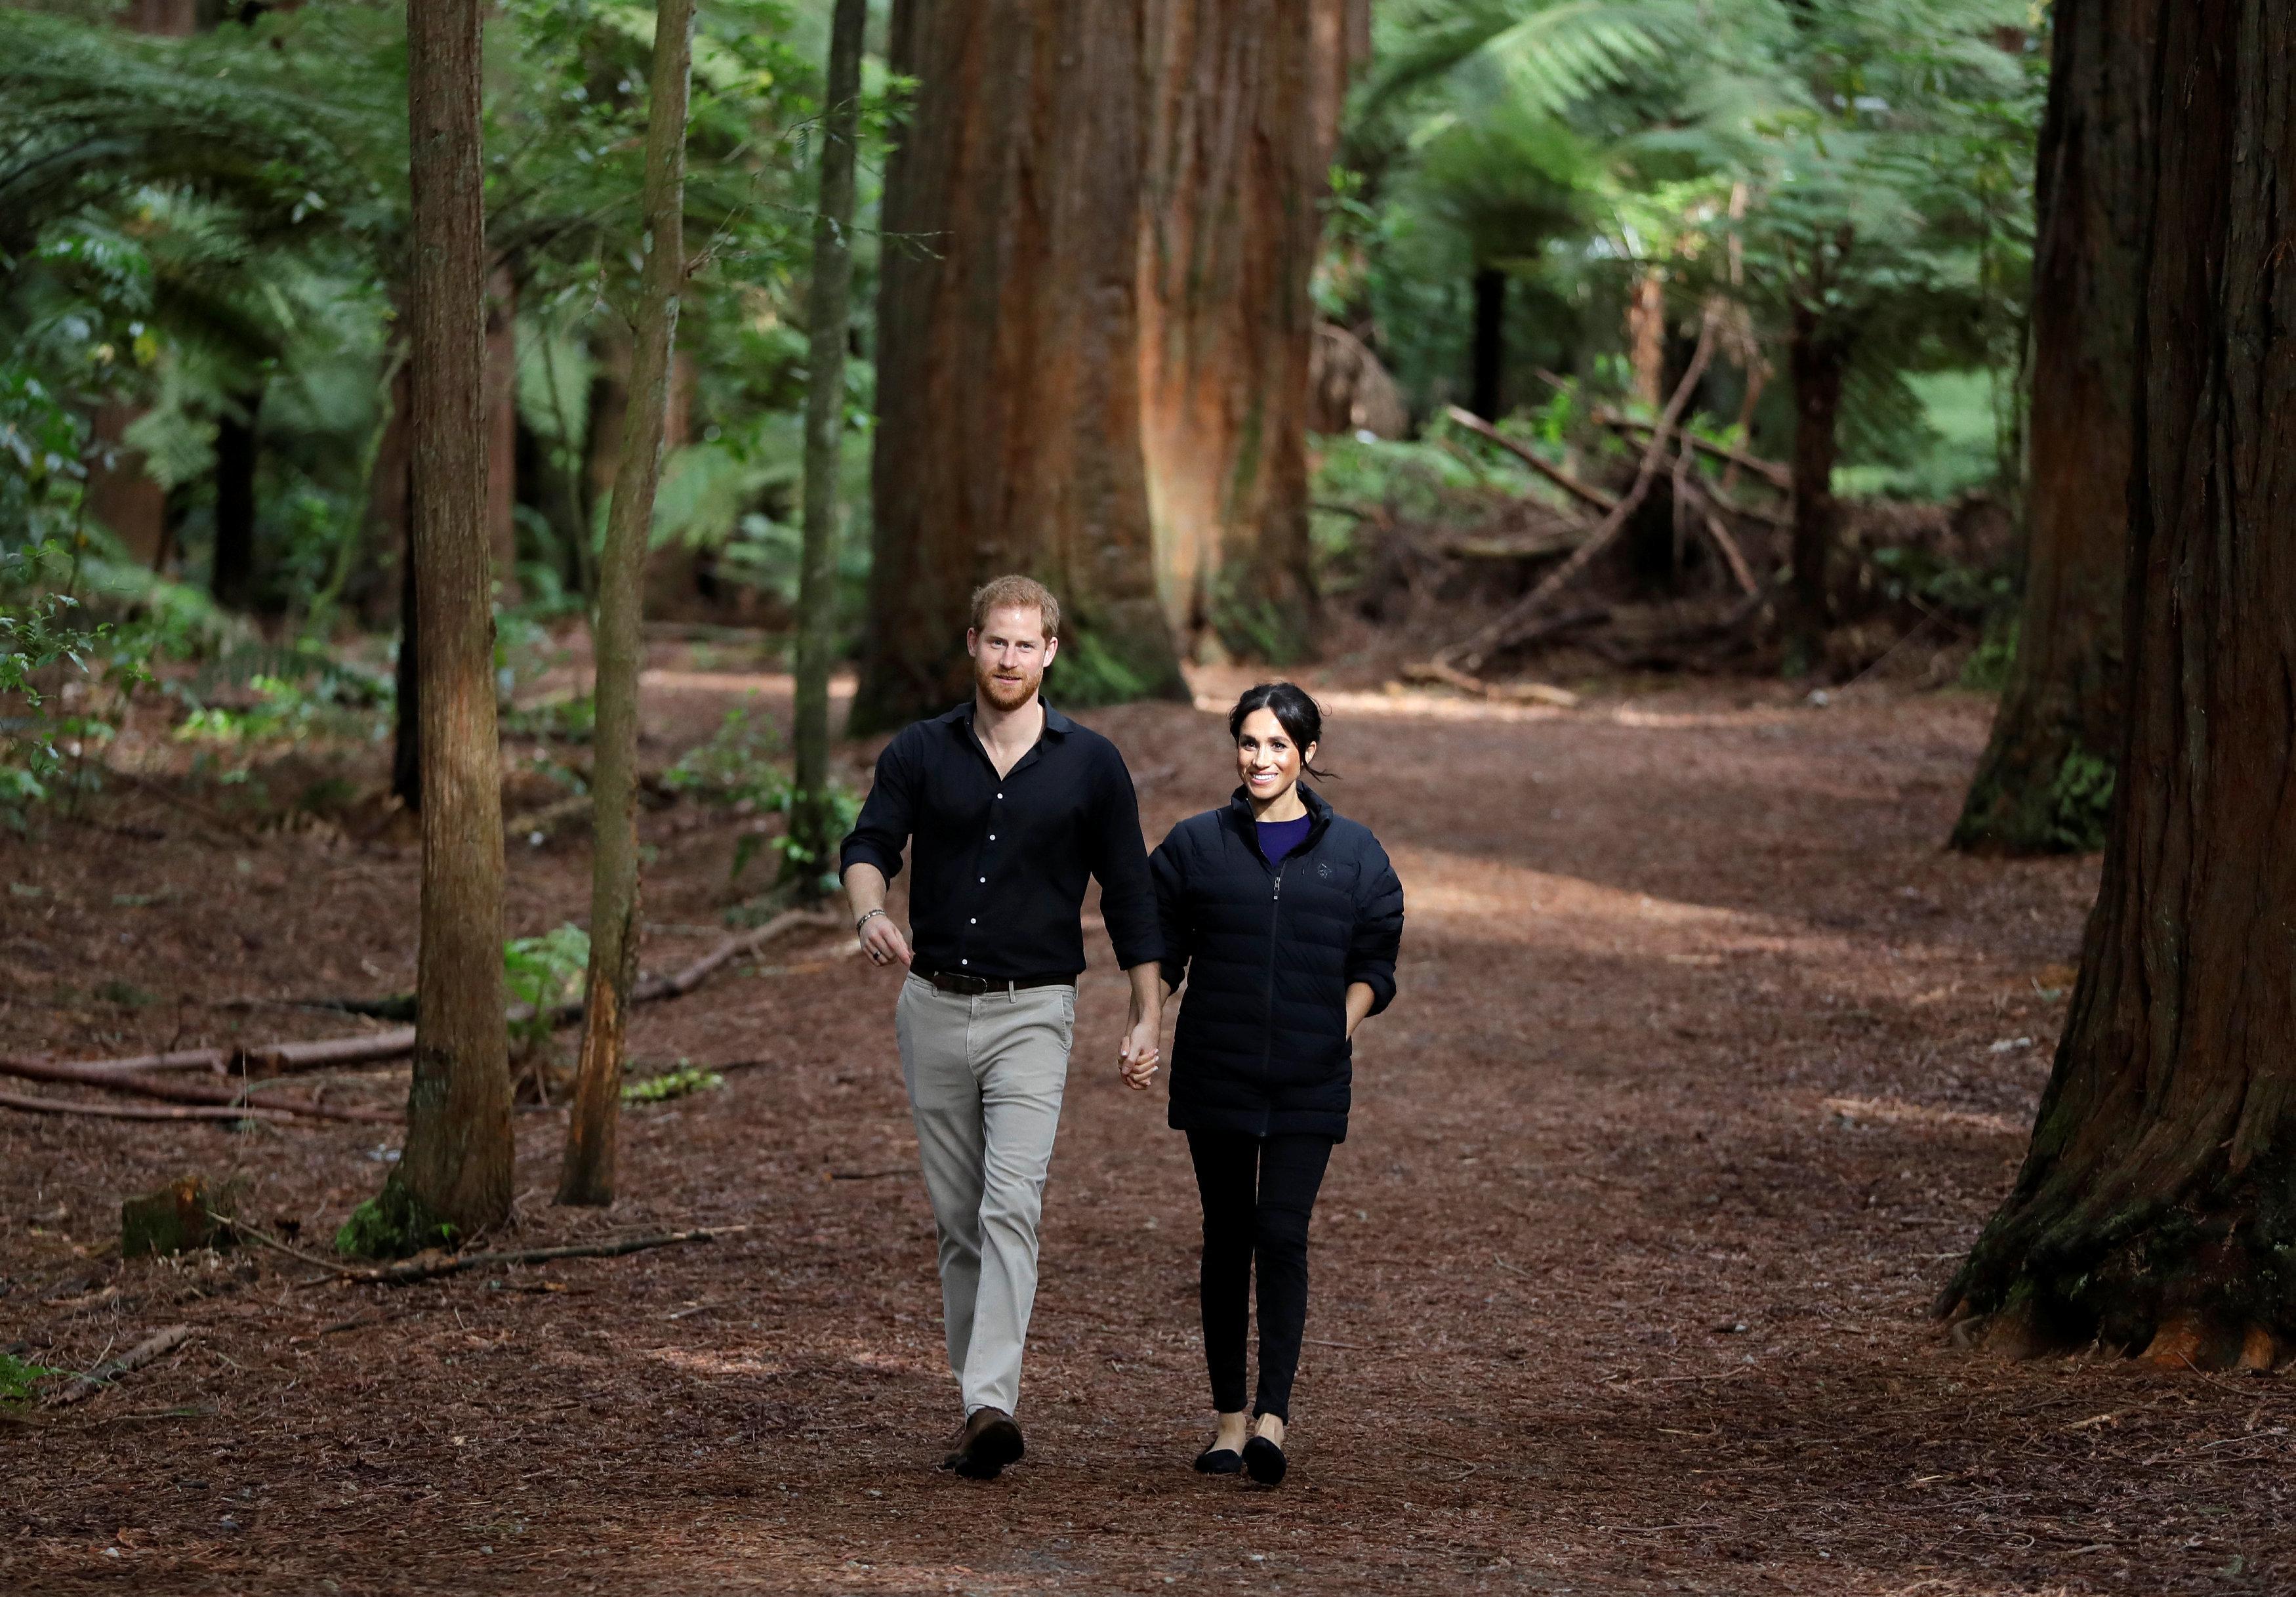 Χάρι και Μέγκαν στην Αυστραλία: H Mέγκαν προκαλεί ξανά φορώντας σιθρού